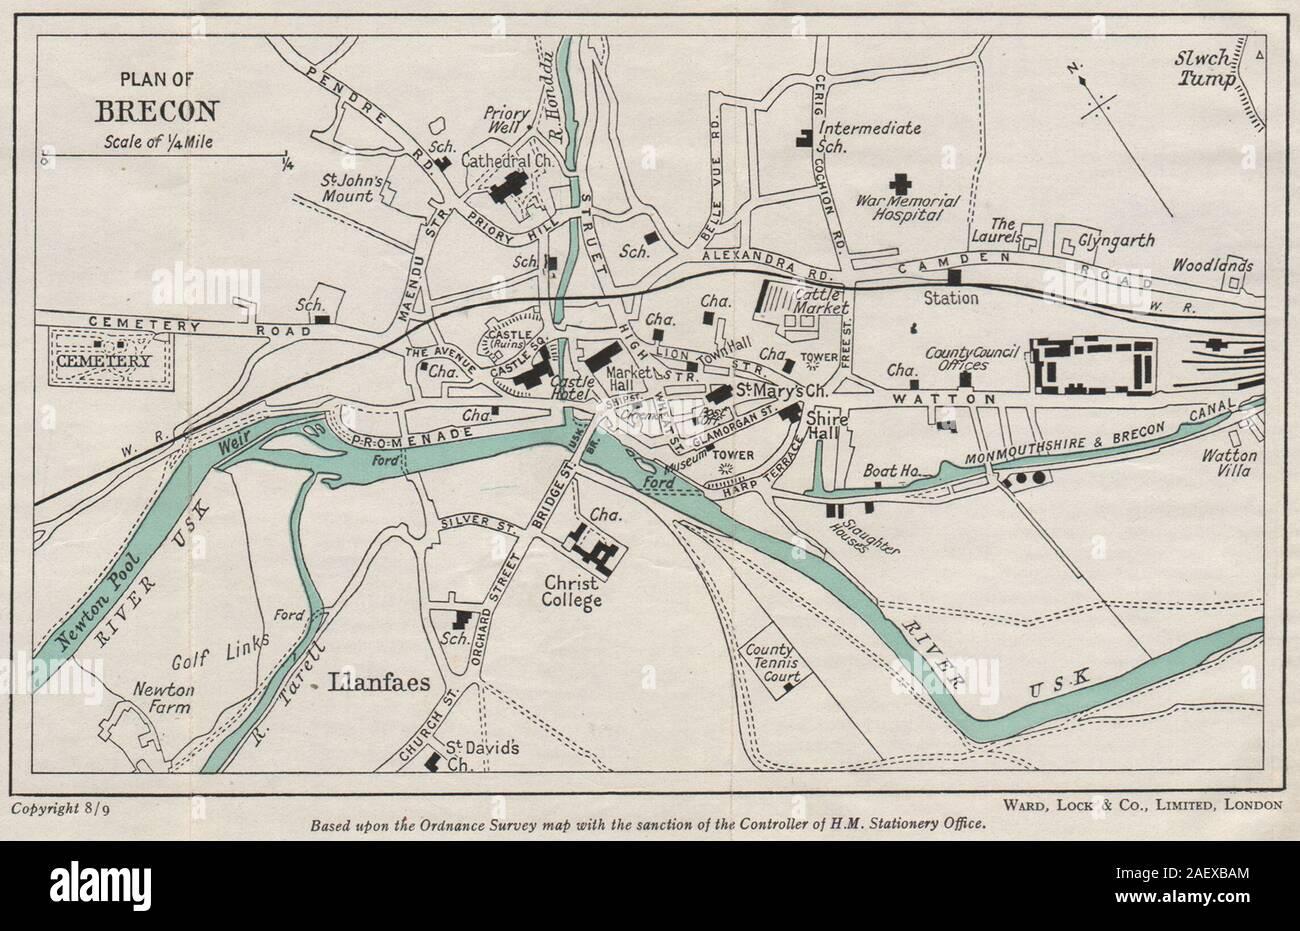 Menai Bridge WARD LOCK 1950 old map Wales BANGOR vintage town//city plan